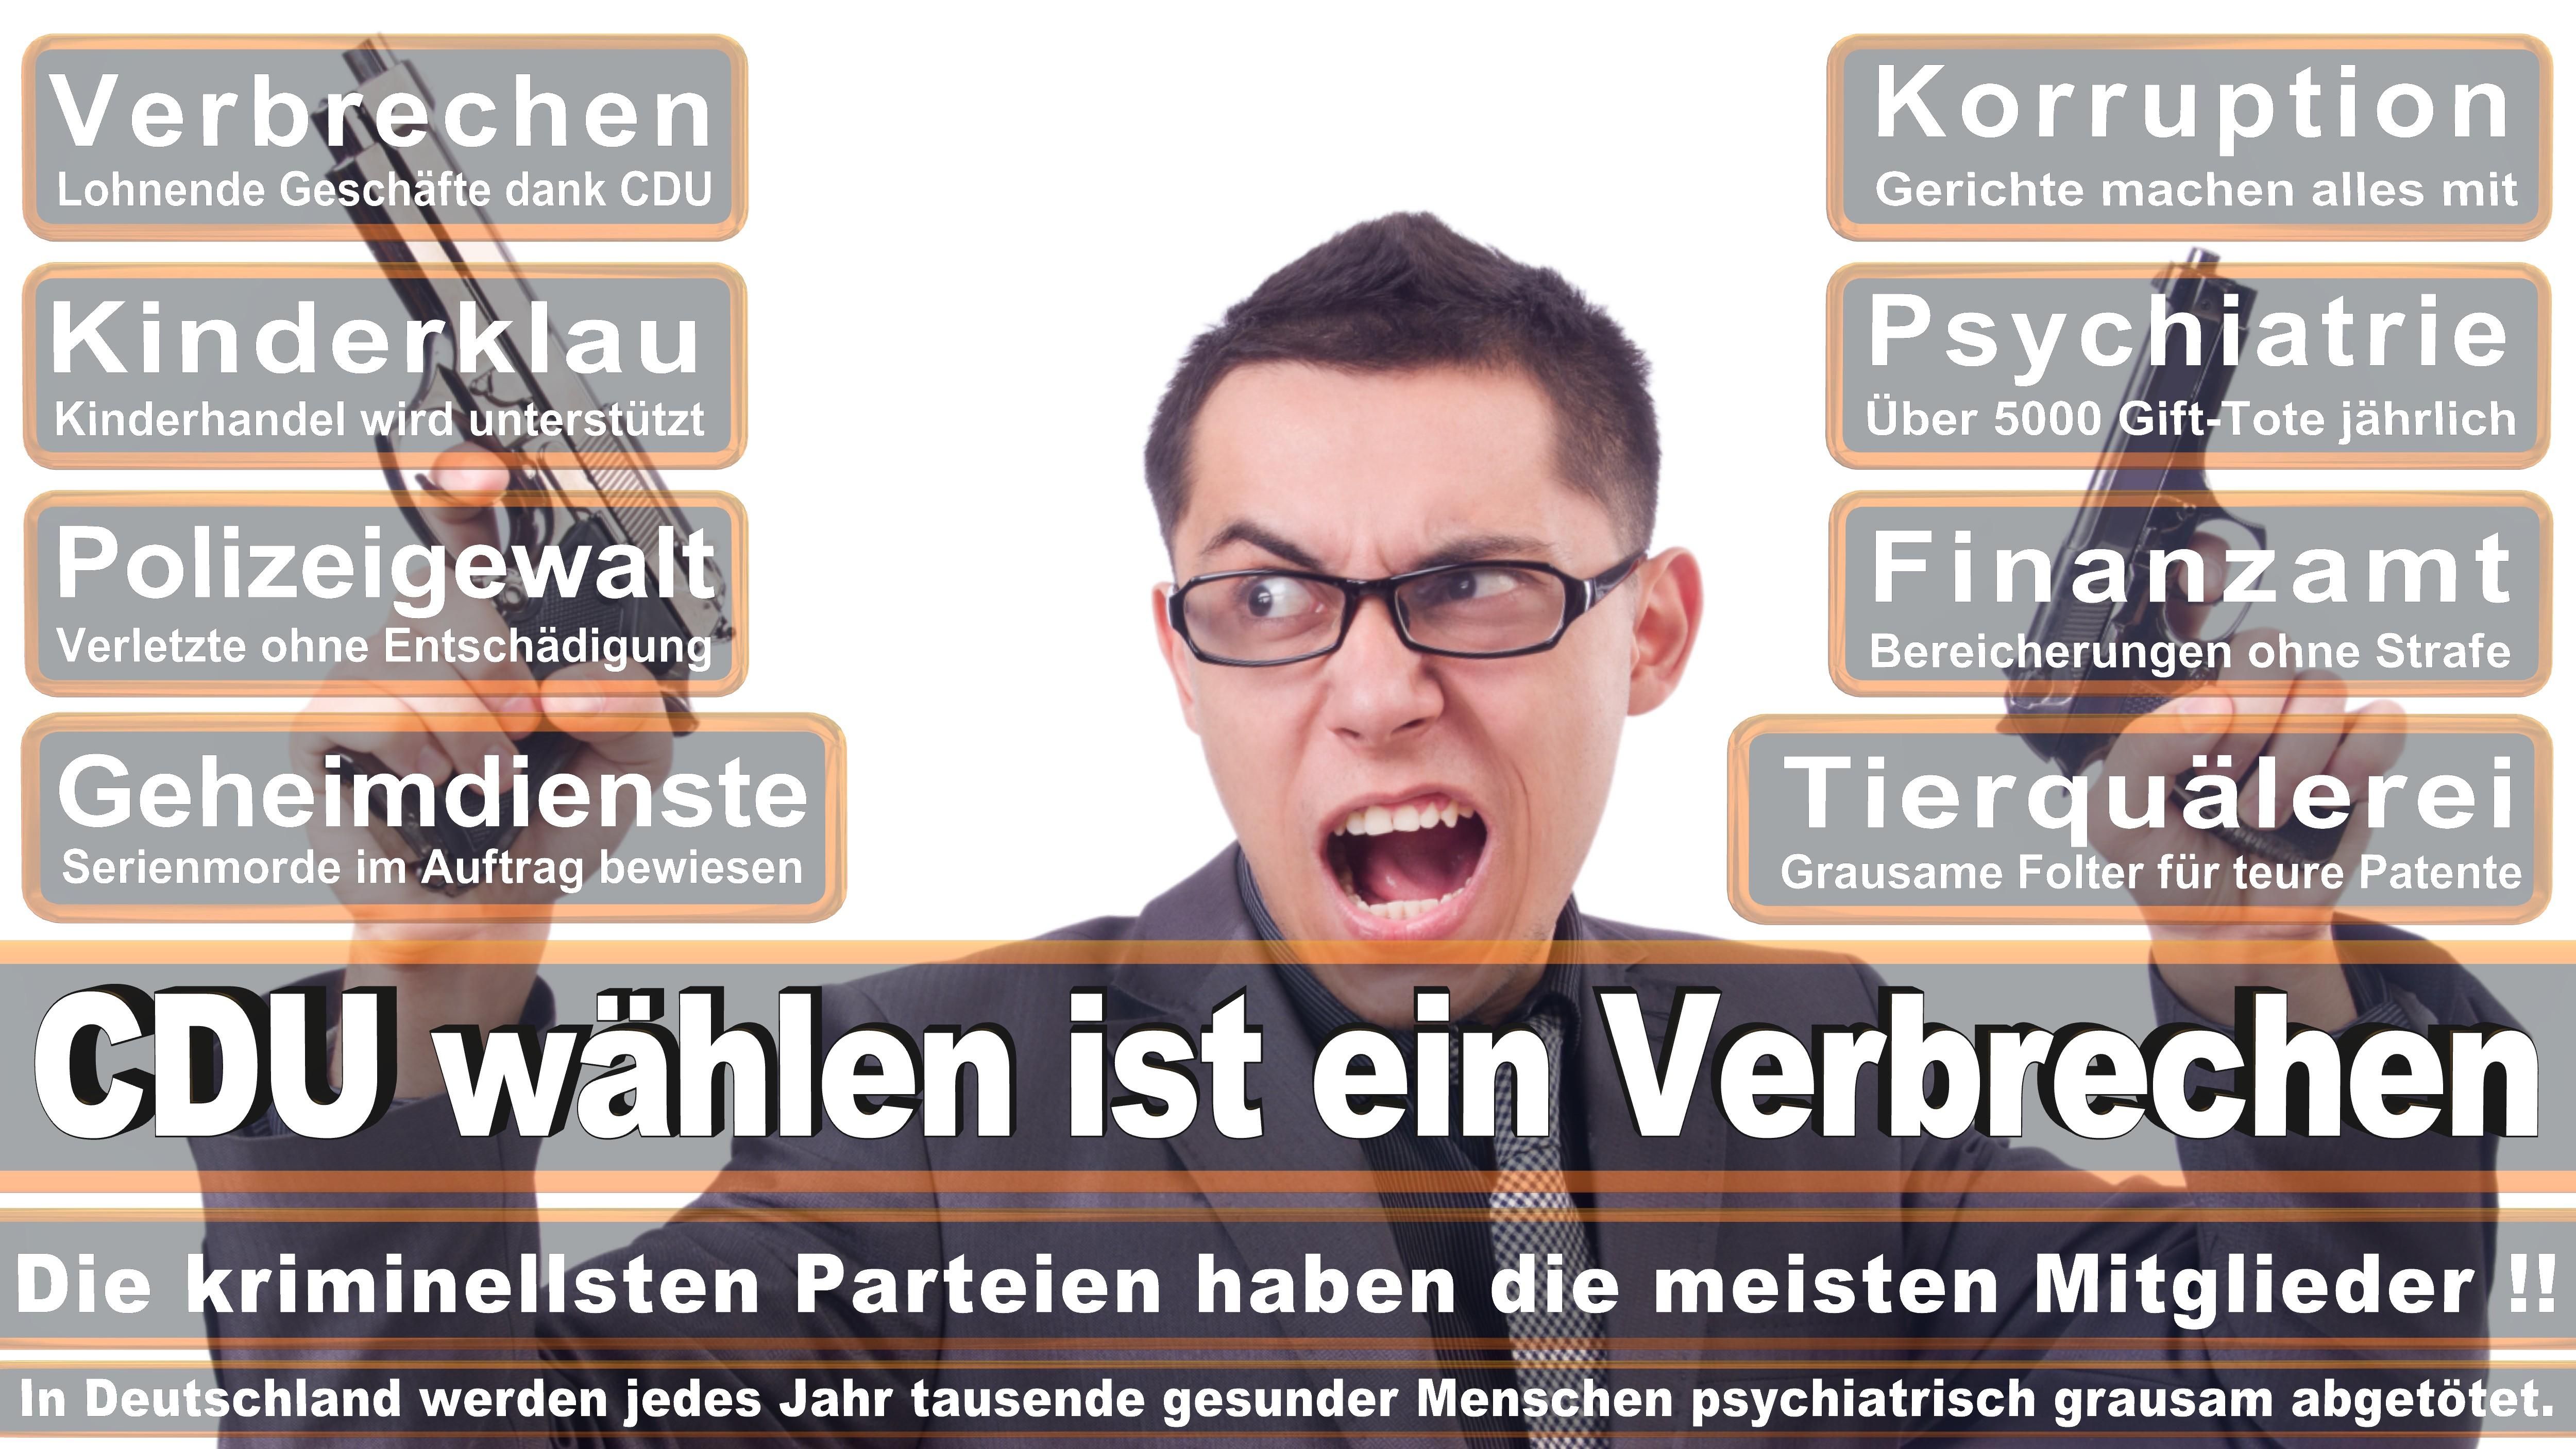 Niema Movassat DIE LINKE Nordrhein Westfalen Politiker Deutschland